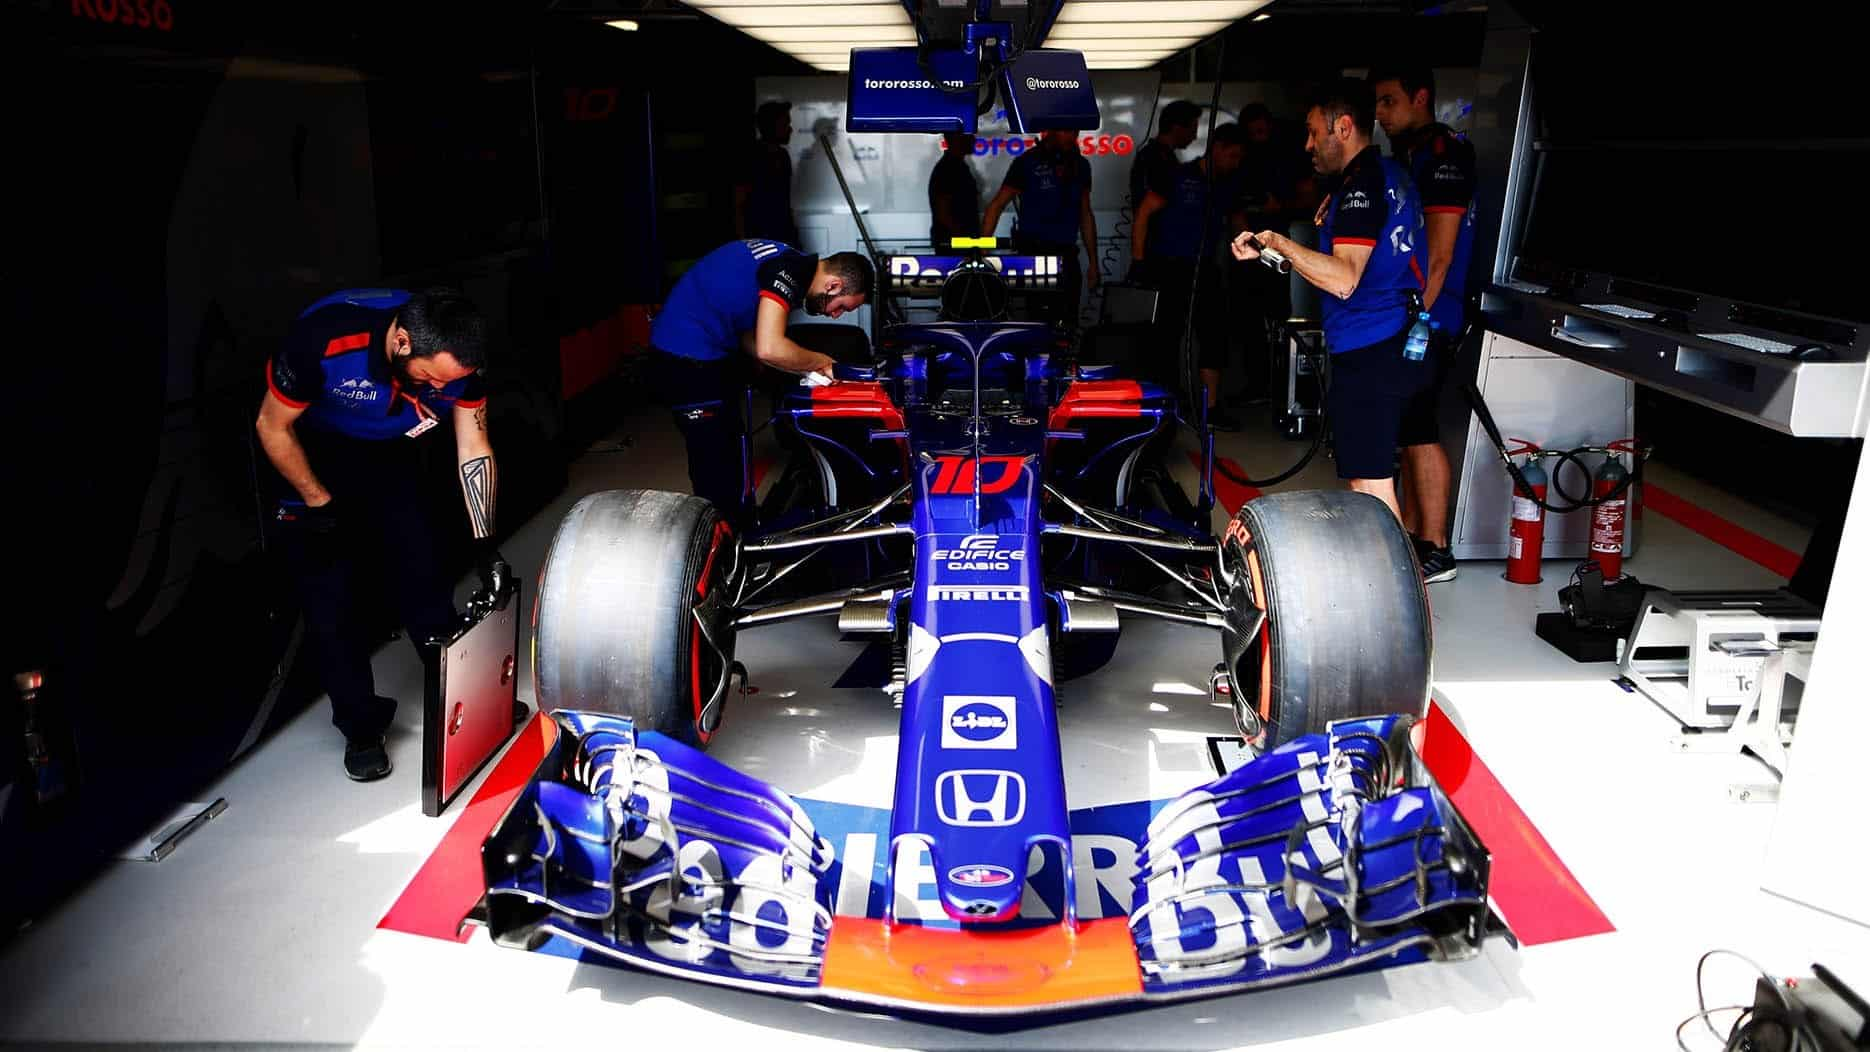 red bull racing elige los motores honda para la f1 2019